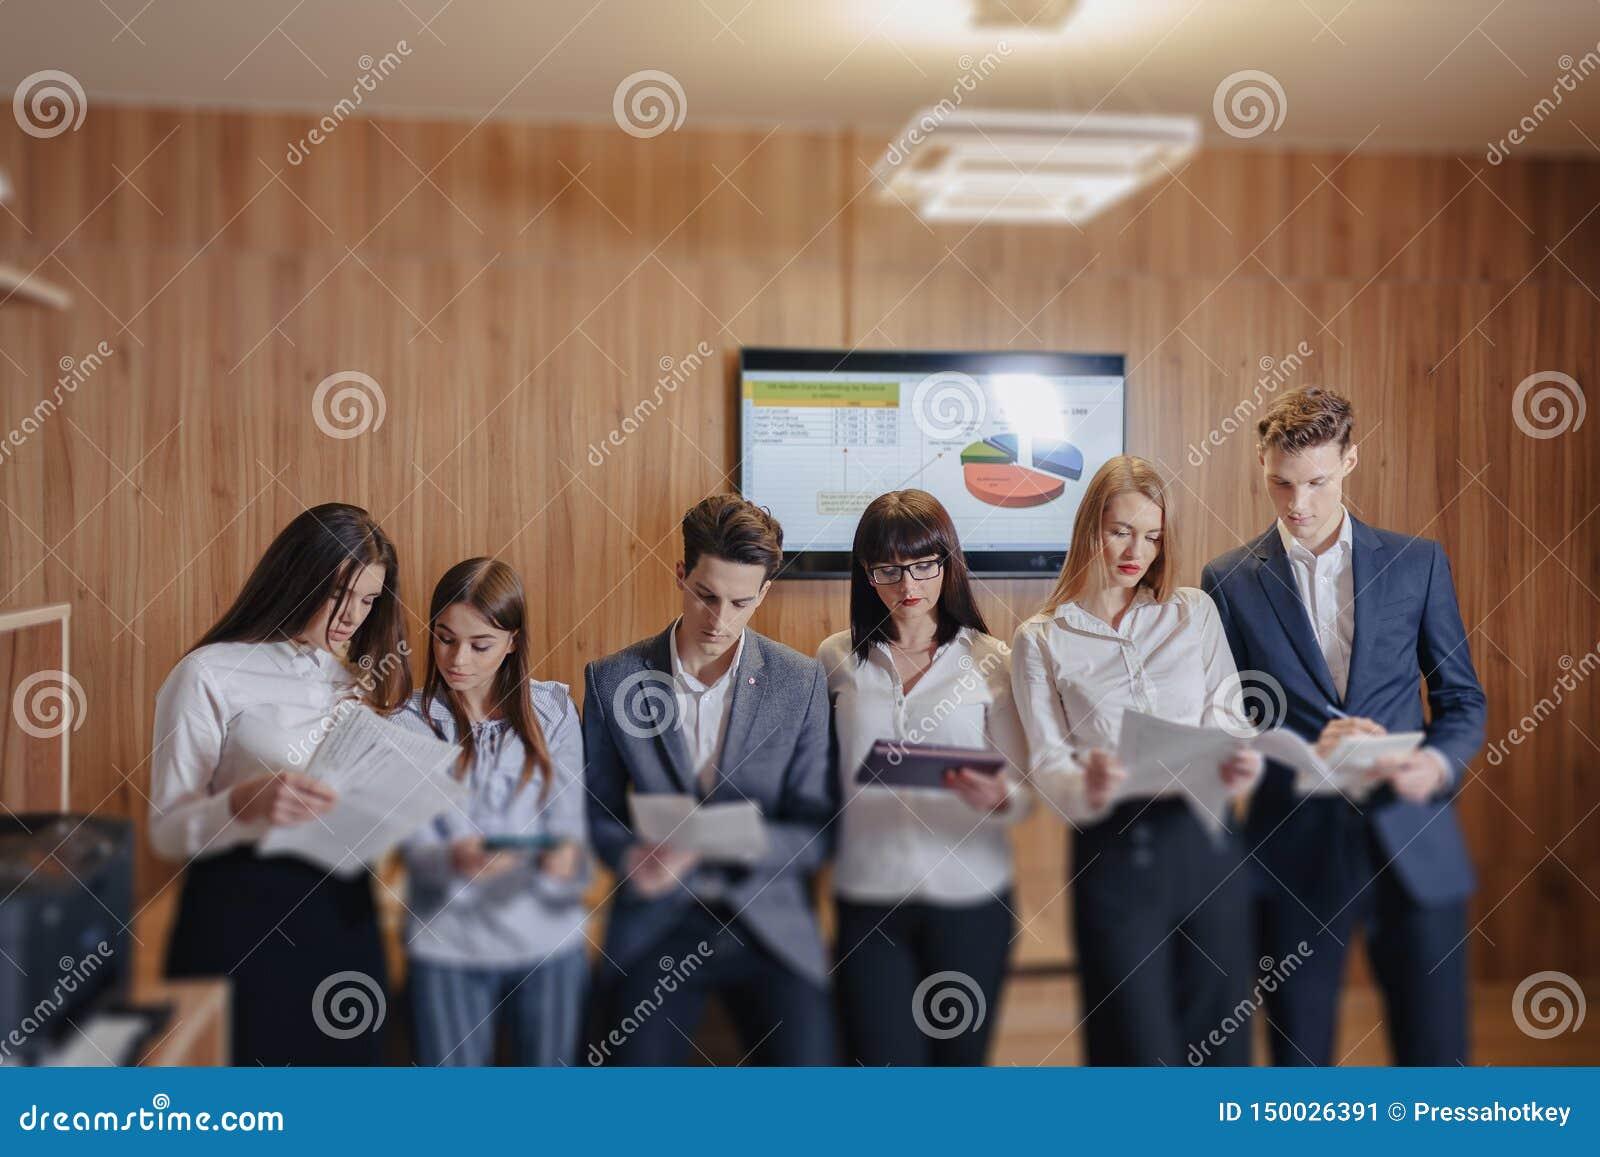 Gro?es Team von Leuten arbeitet bei einem Tisch f?r Laptops, Tabletten und Papiere, auf dem Hintergrund ein gro?er Fernseher auf